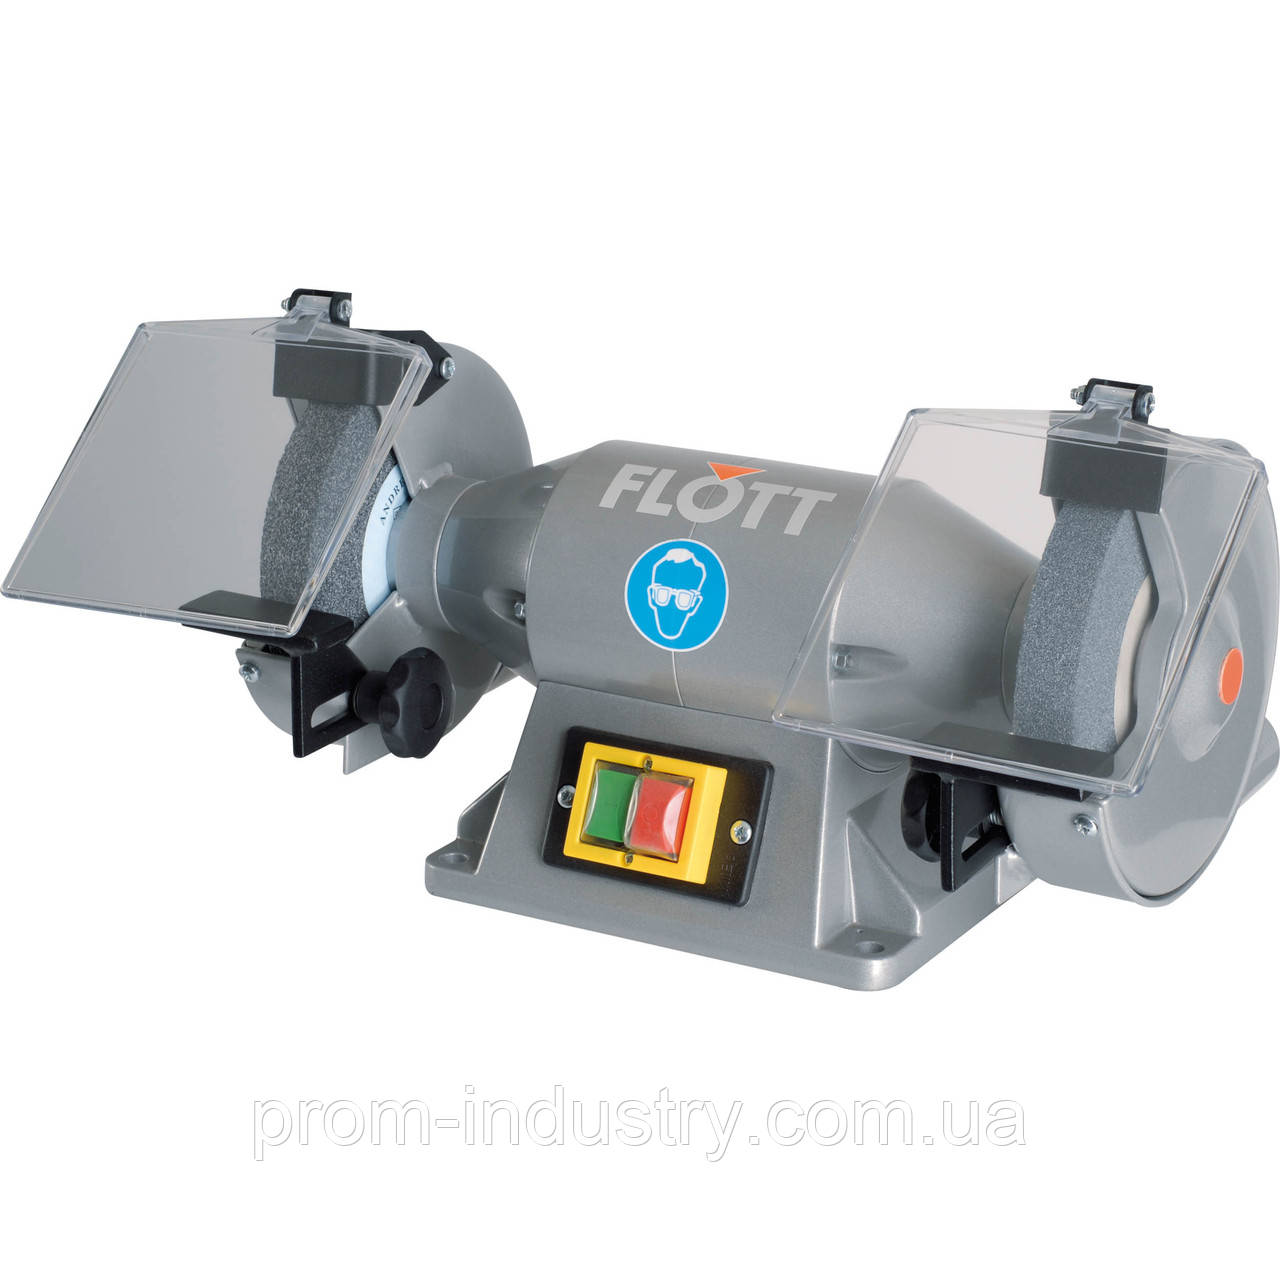 TS 150 SDP Flott Настольный точильно-шлифовальный станок